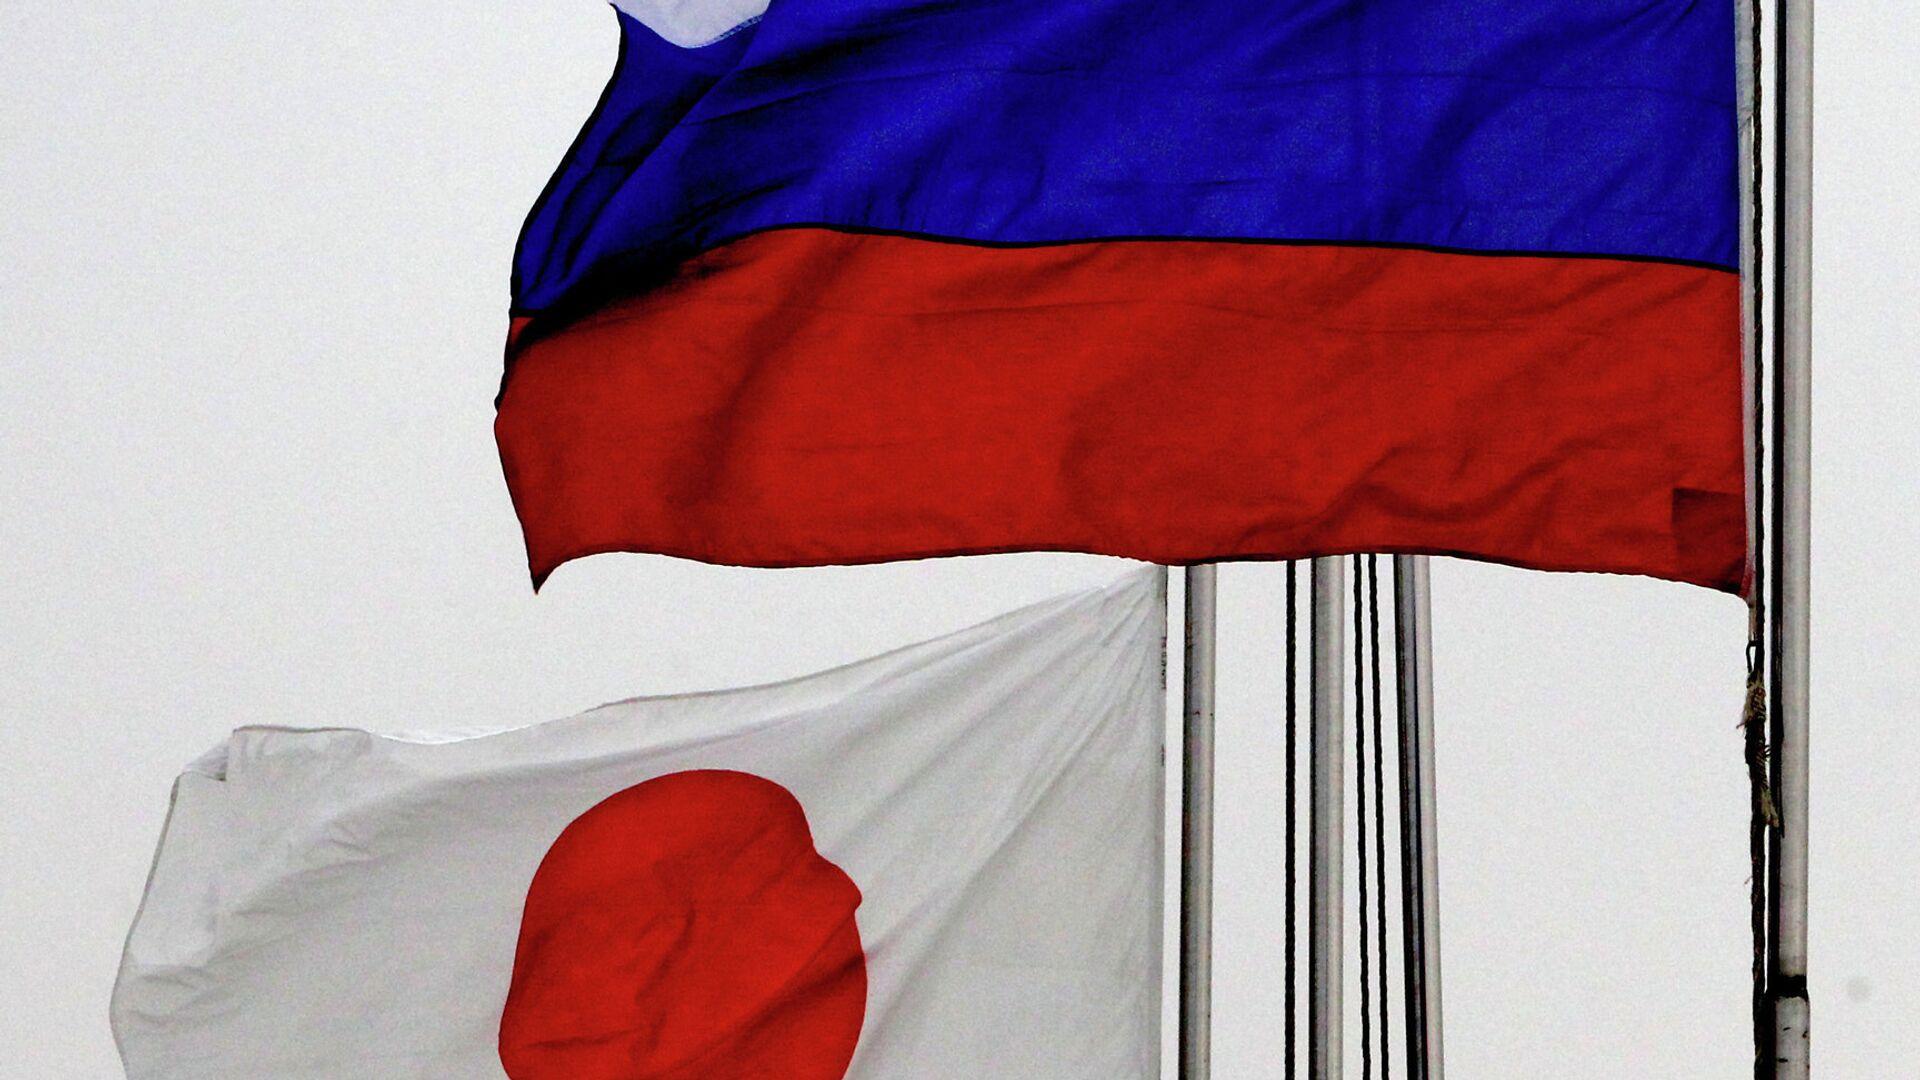 Государственные флаги России (справа) и Японии по случаю прибытия эсминца Хамагири Морских сил самообороны Японии во Владивосток - РИА Новости, 1920, 02.07.2021